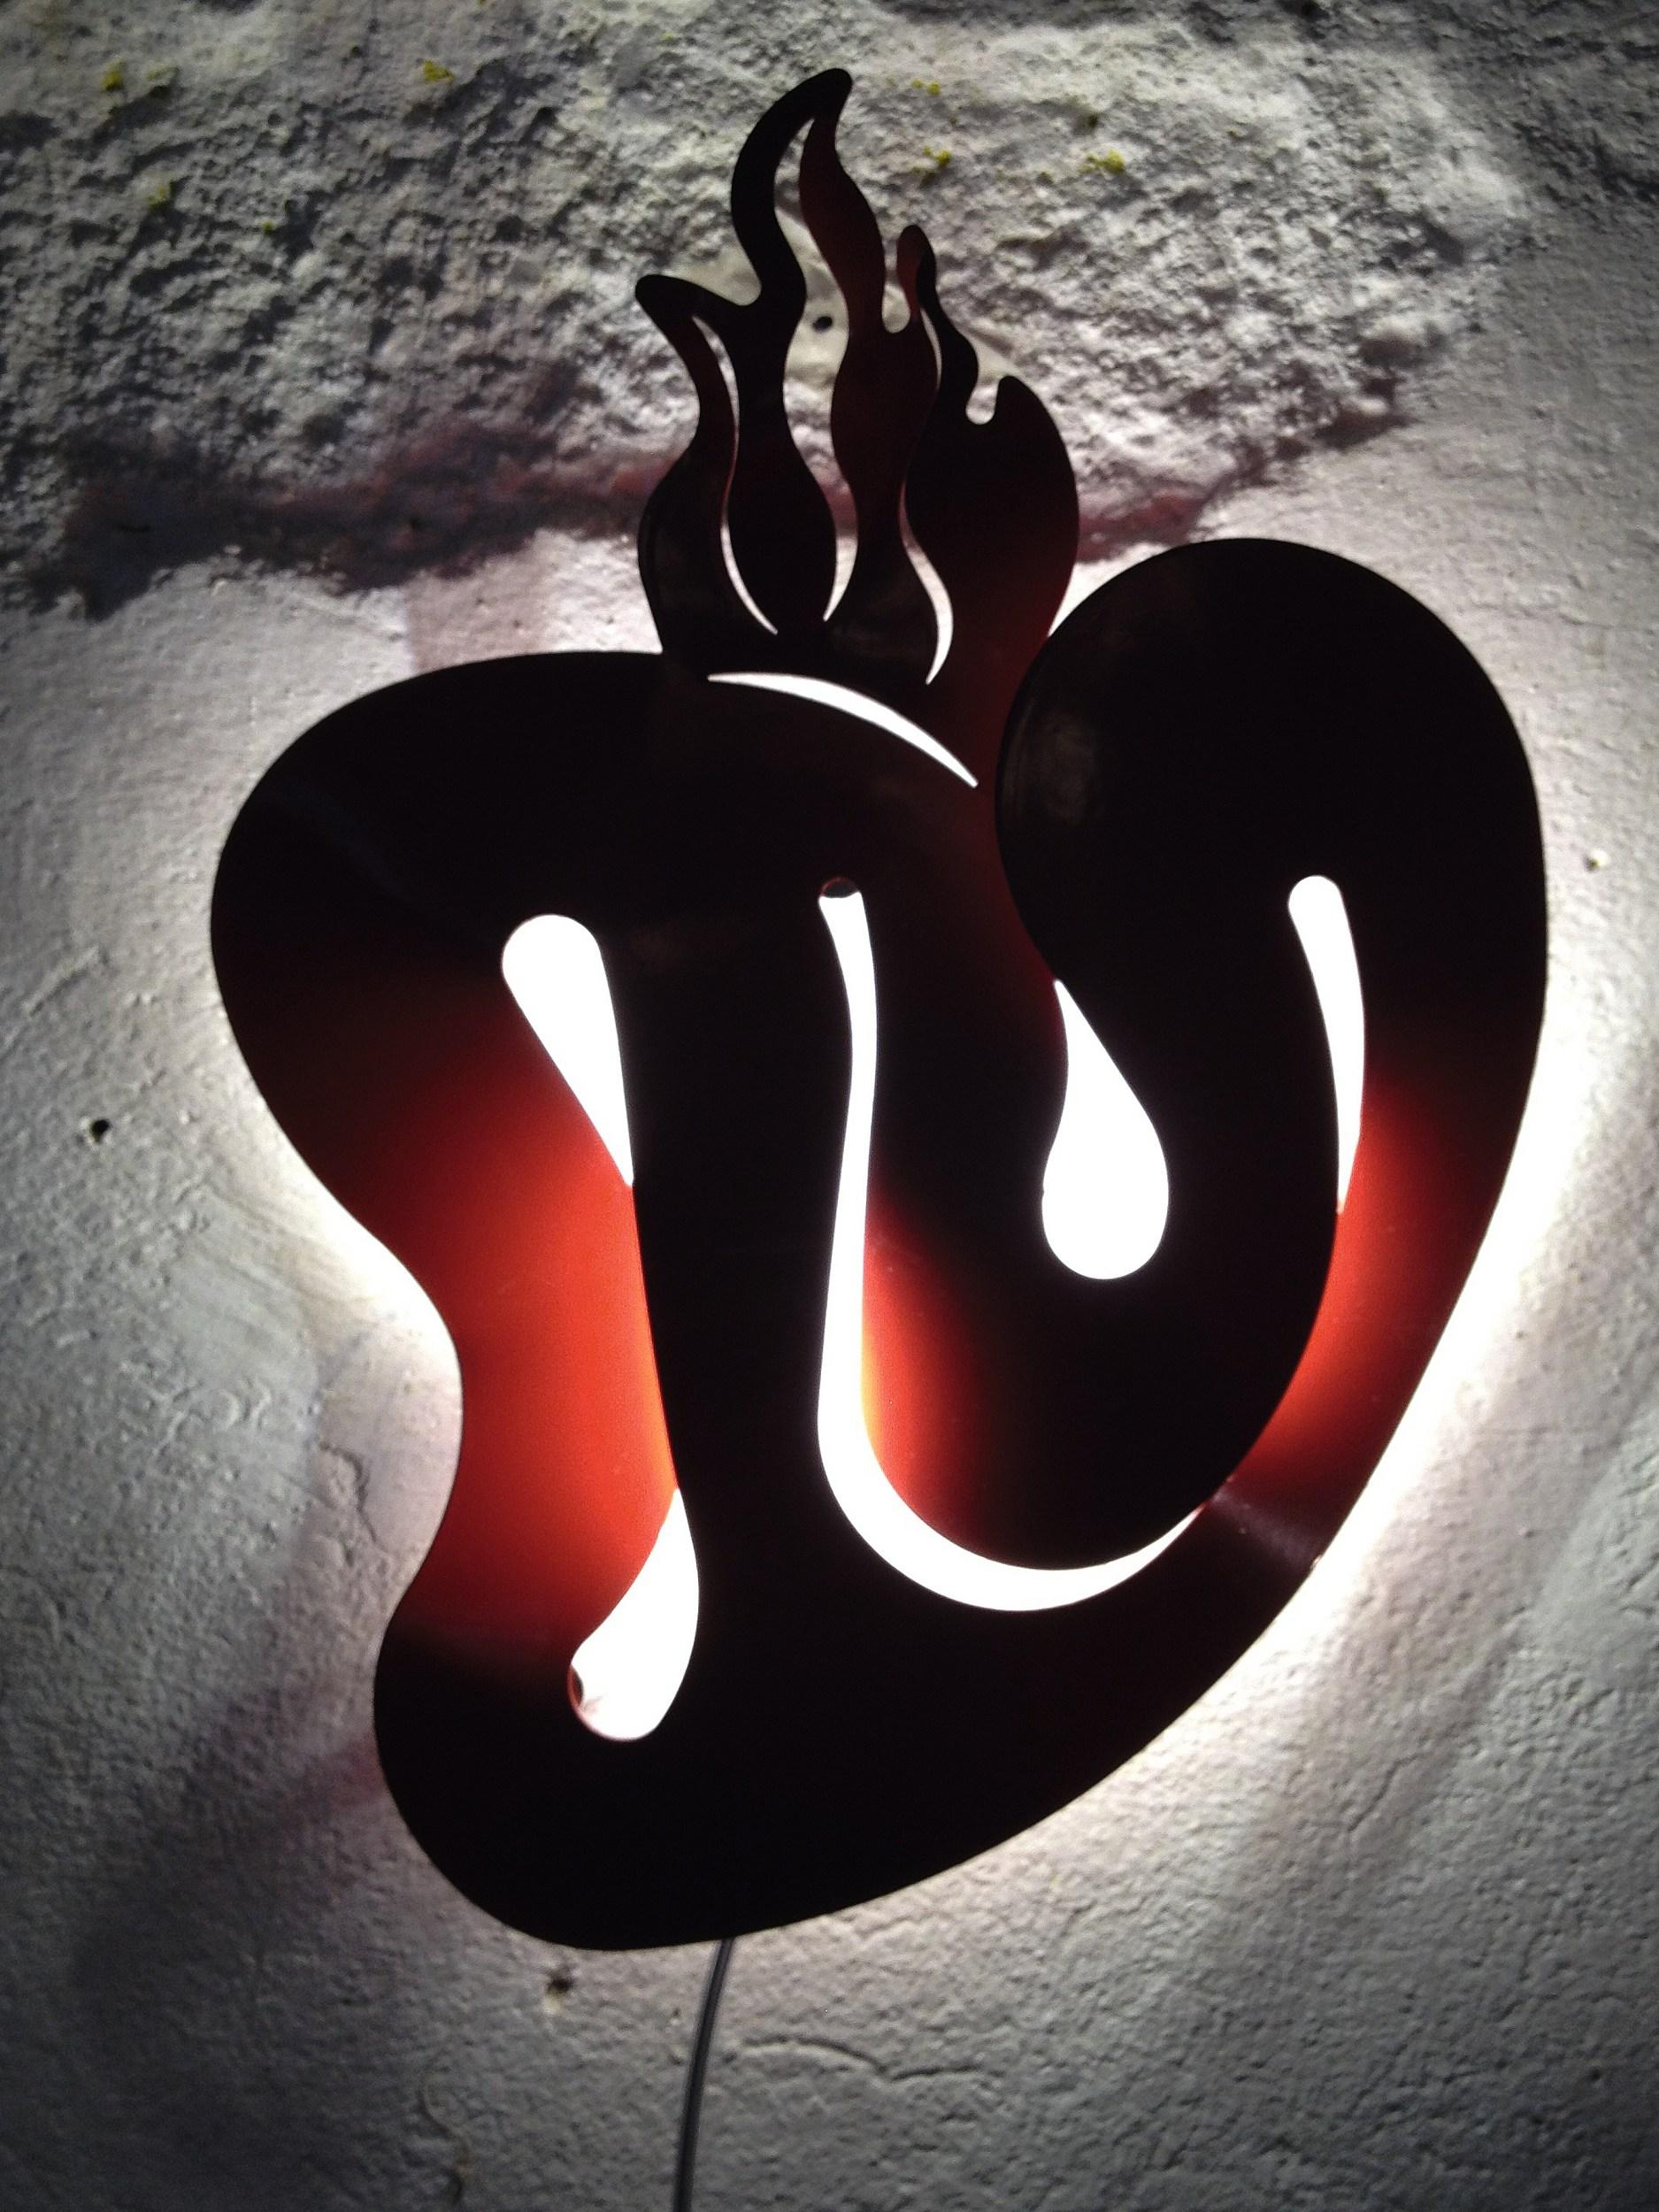 Коллекция включает бра в трех различных исполнения. Это красное сердце. Оно символизирует верность, преданность и страсть. Мужчина из меди – воплощение честолюбия, мужества и мудрости. Женщина из чистого золота – источник жизни и хранительница домашнего очага. По словам создателя, дизайнерский светильник должен быть прежде всего комфортным для повседневного использования. А форма, в которую он при этом облекается – исключительно плод фантазии.